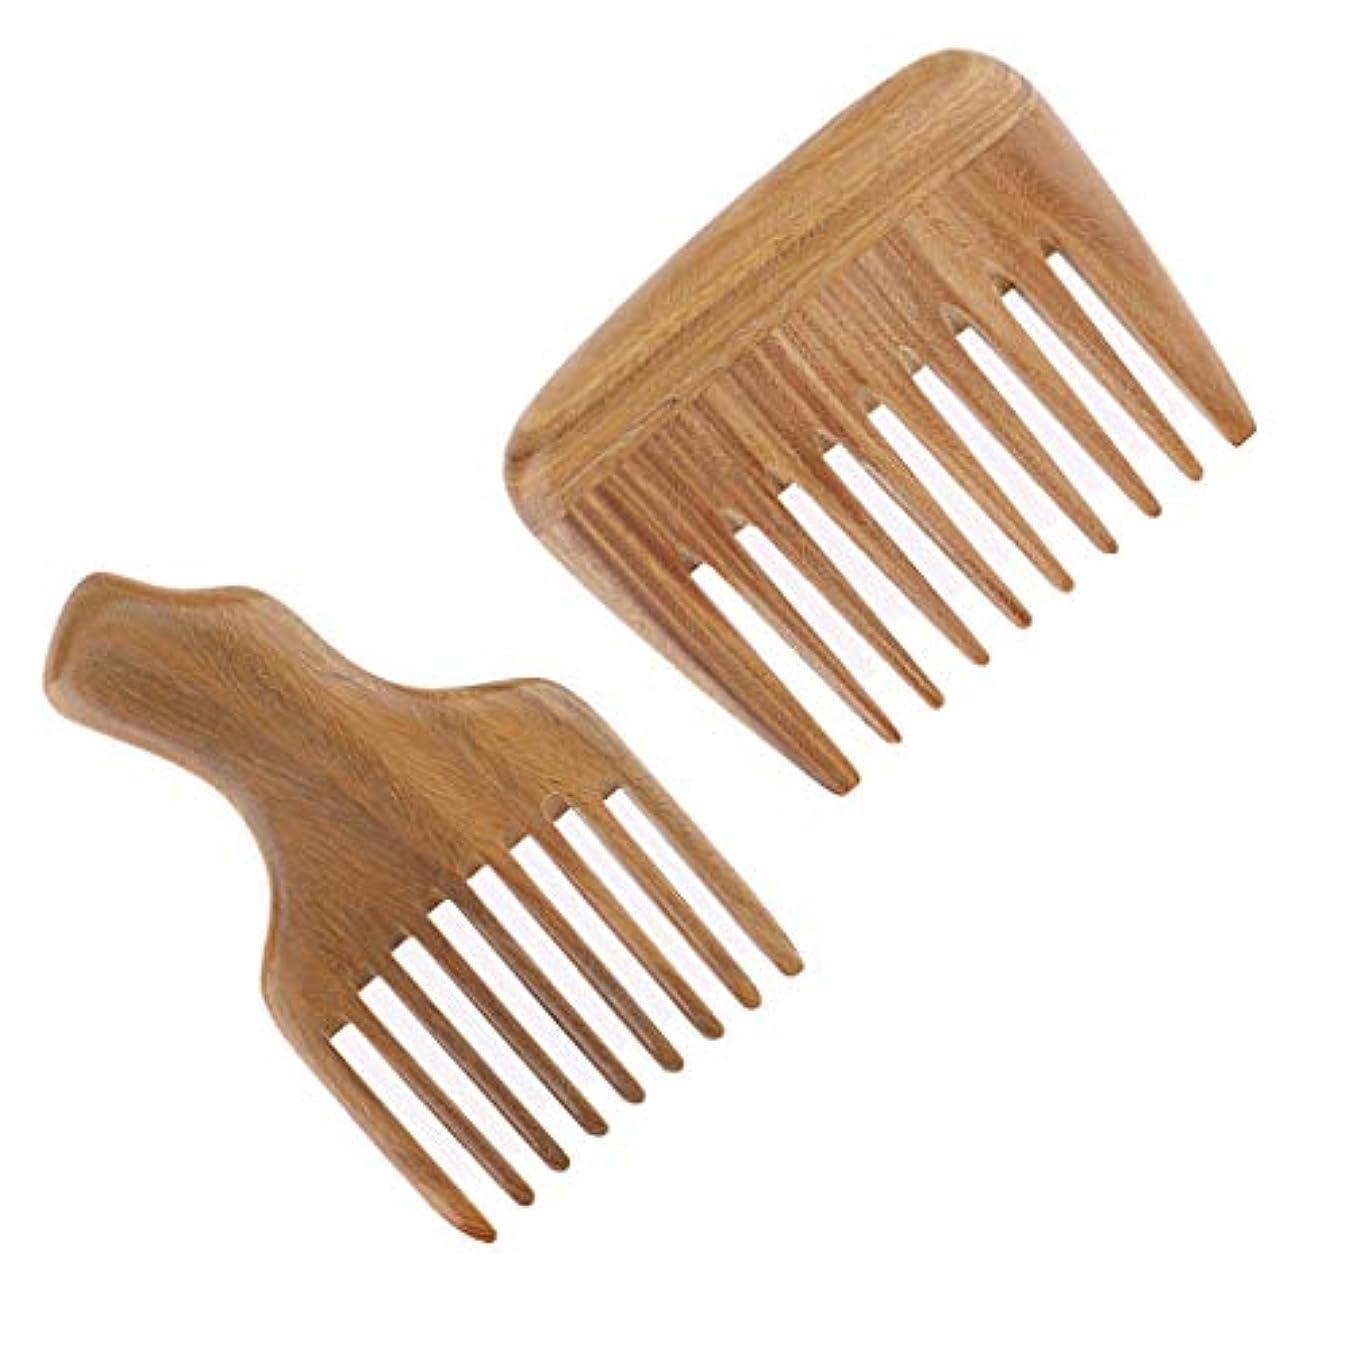 クルーシングルアスリート木製コーム ヘアブラシ ヘアコーム 粗い櫛 ユニセックス 理髪店 サロン アクセサリー 2個入り